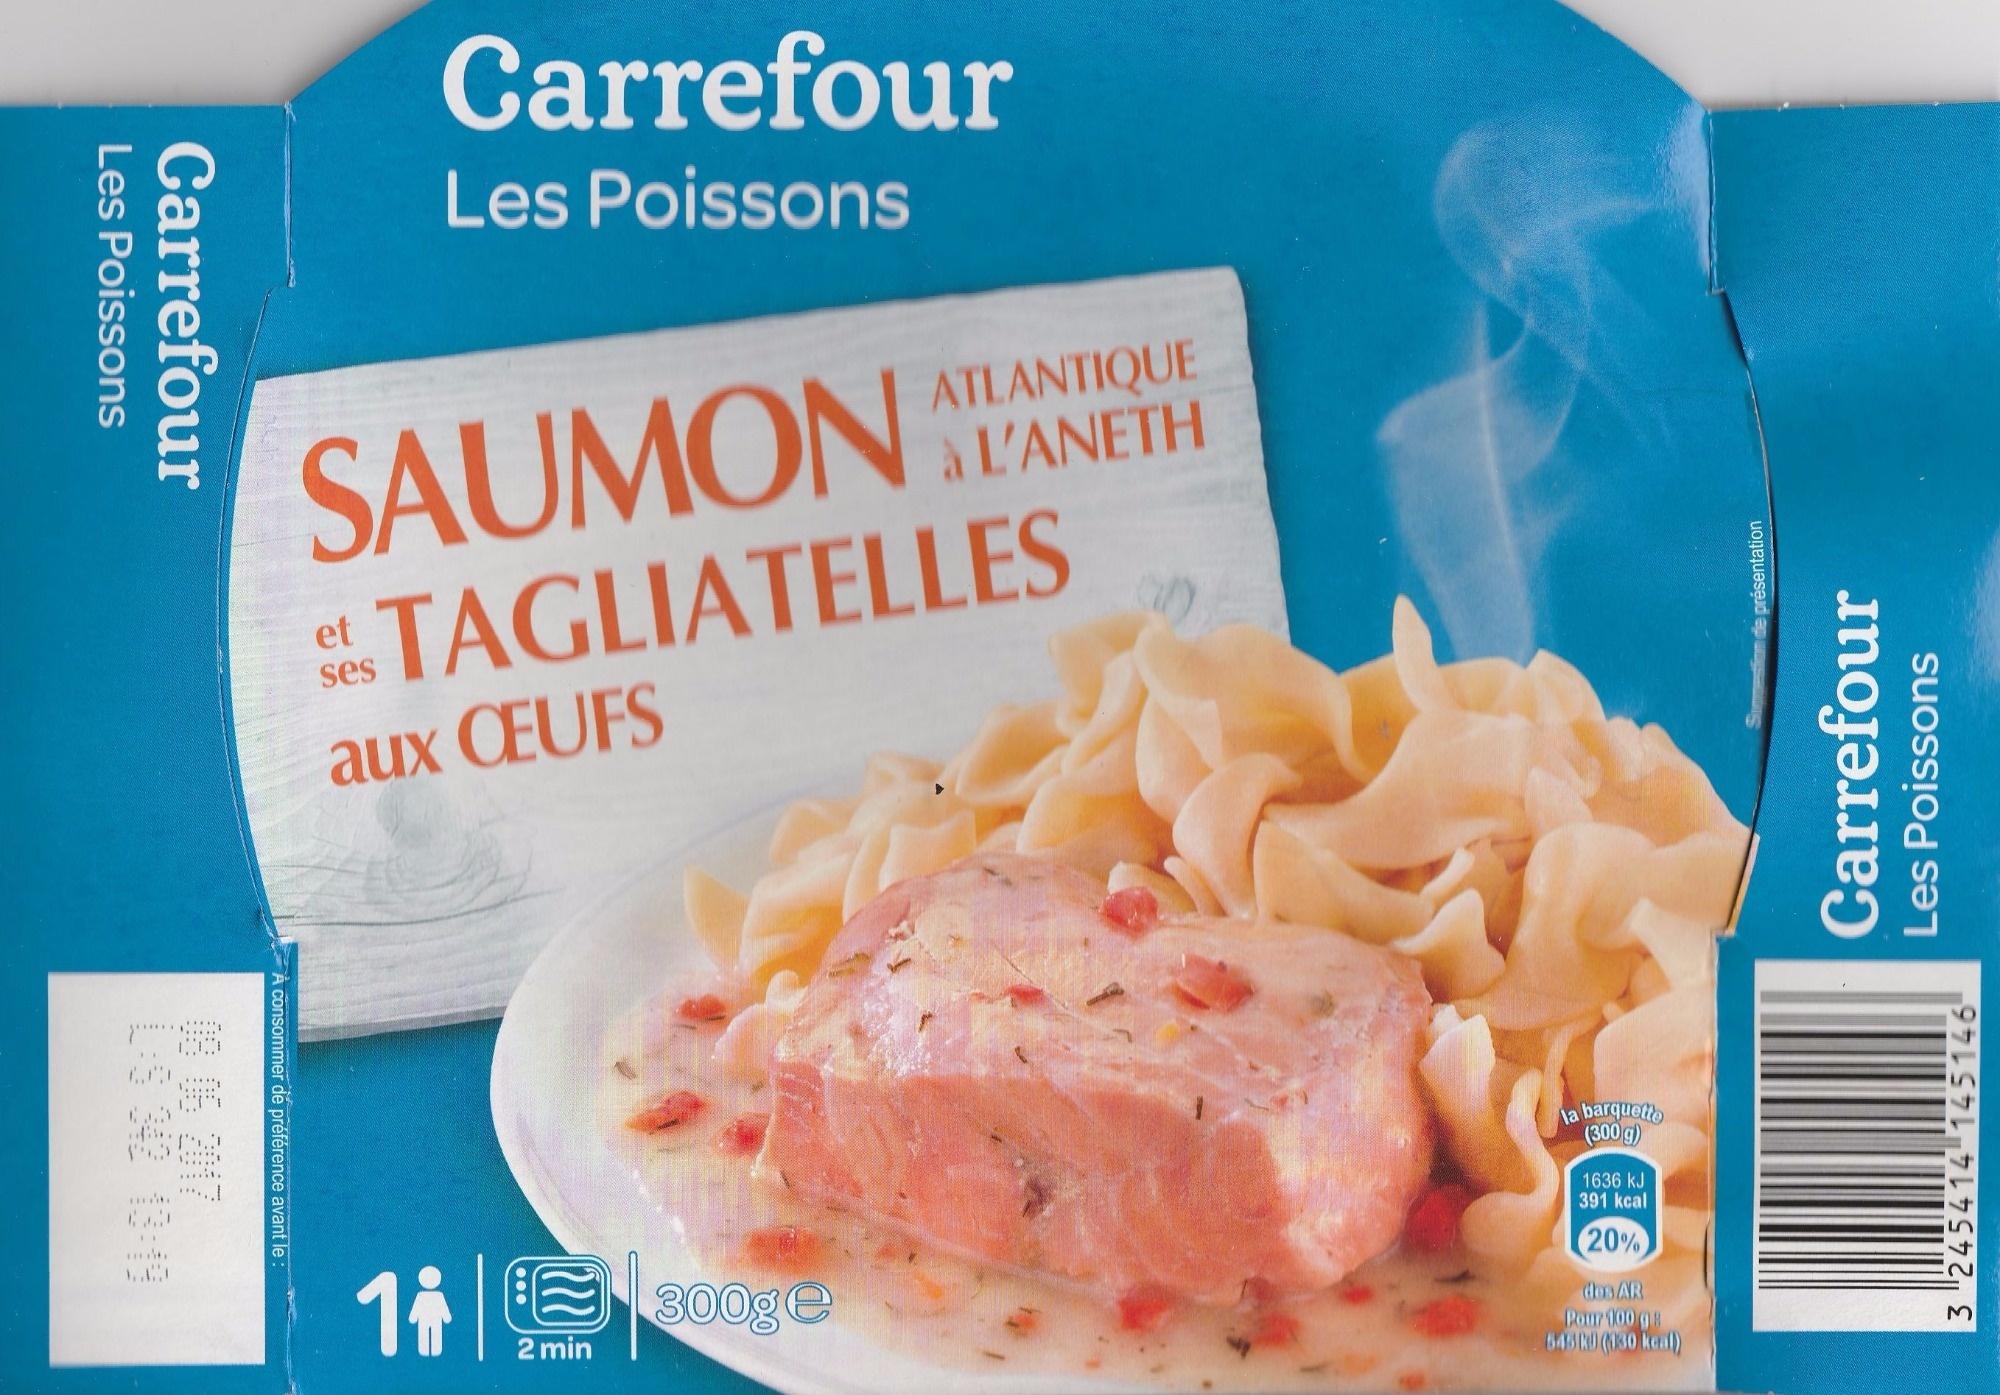 Saumon et Tagliatelles aux Oeufs - Product - fr